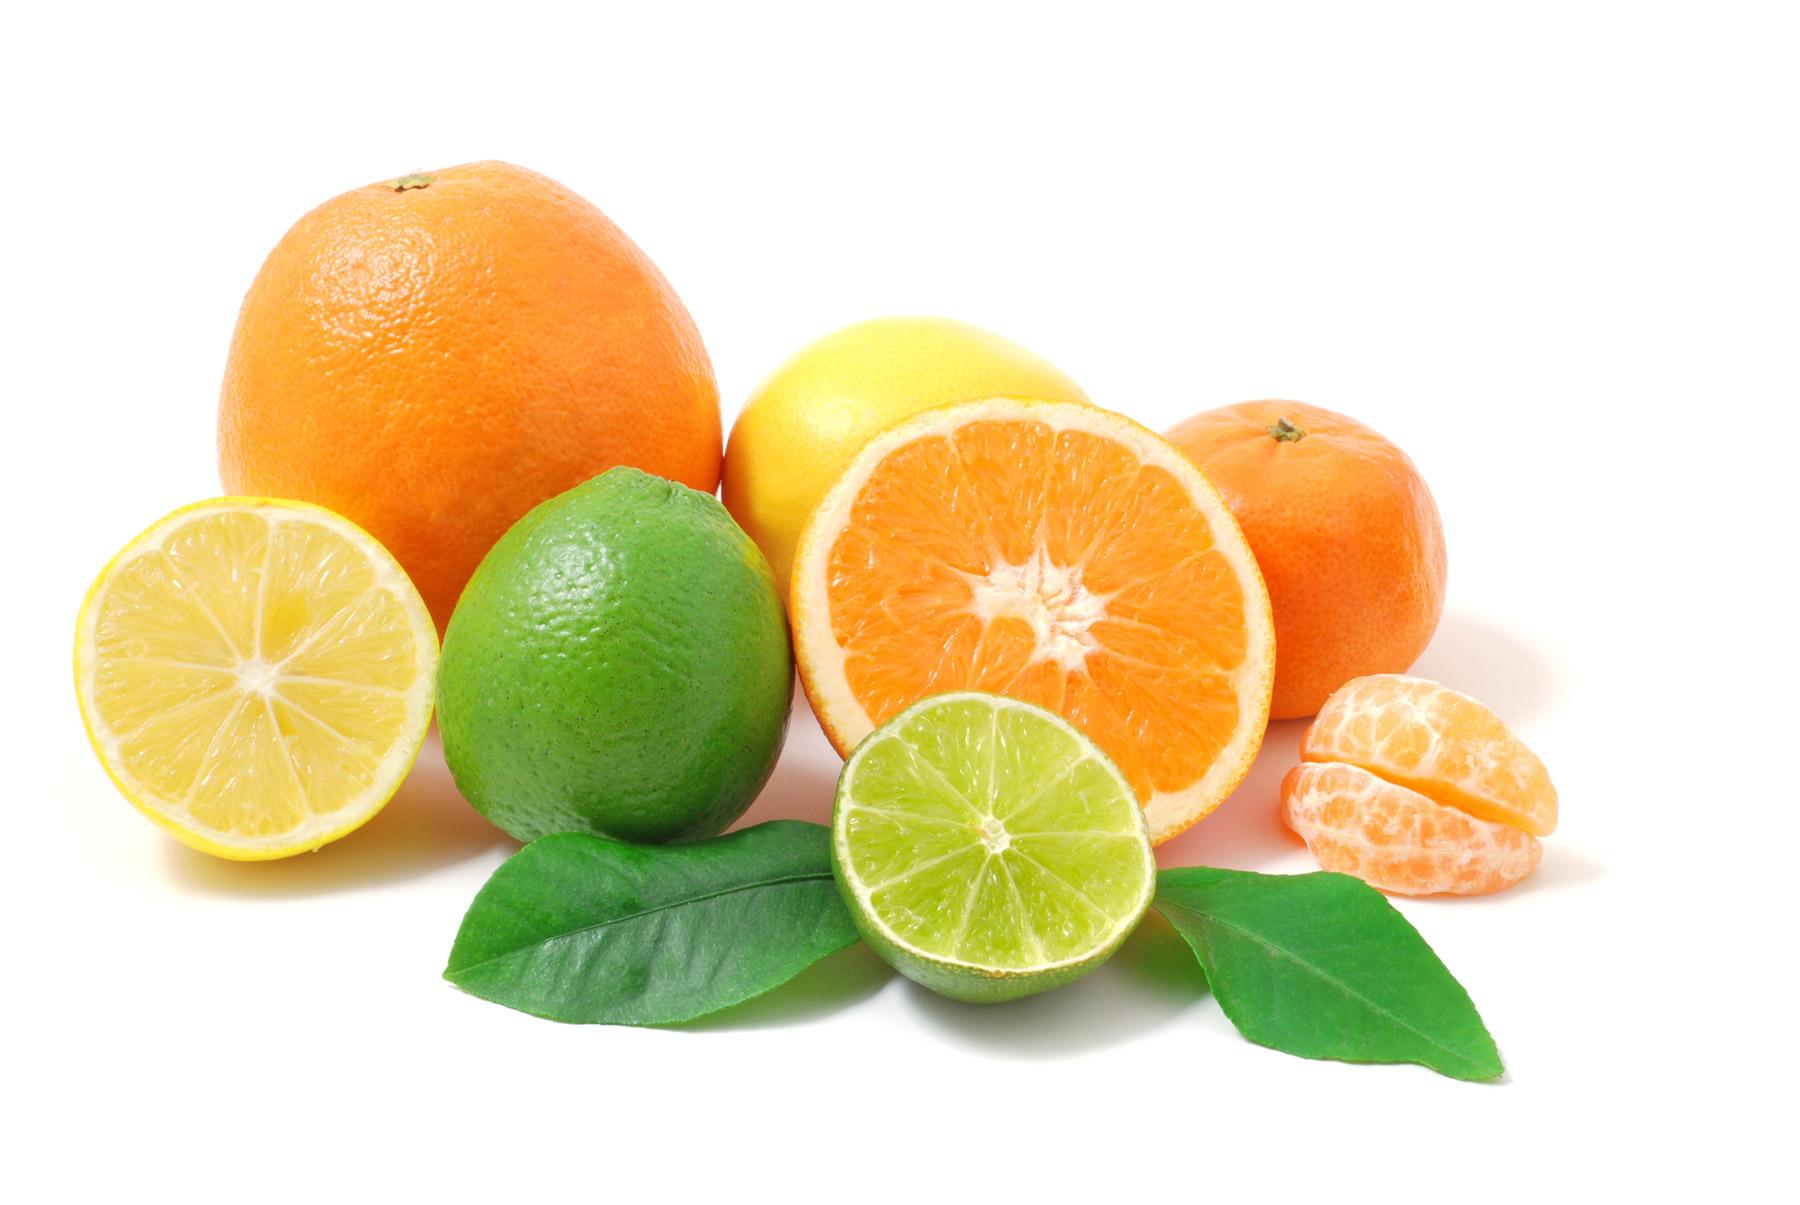 IAC na bioeconomia da citricultura brasileira